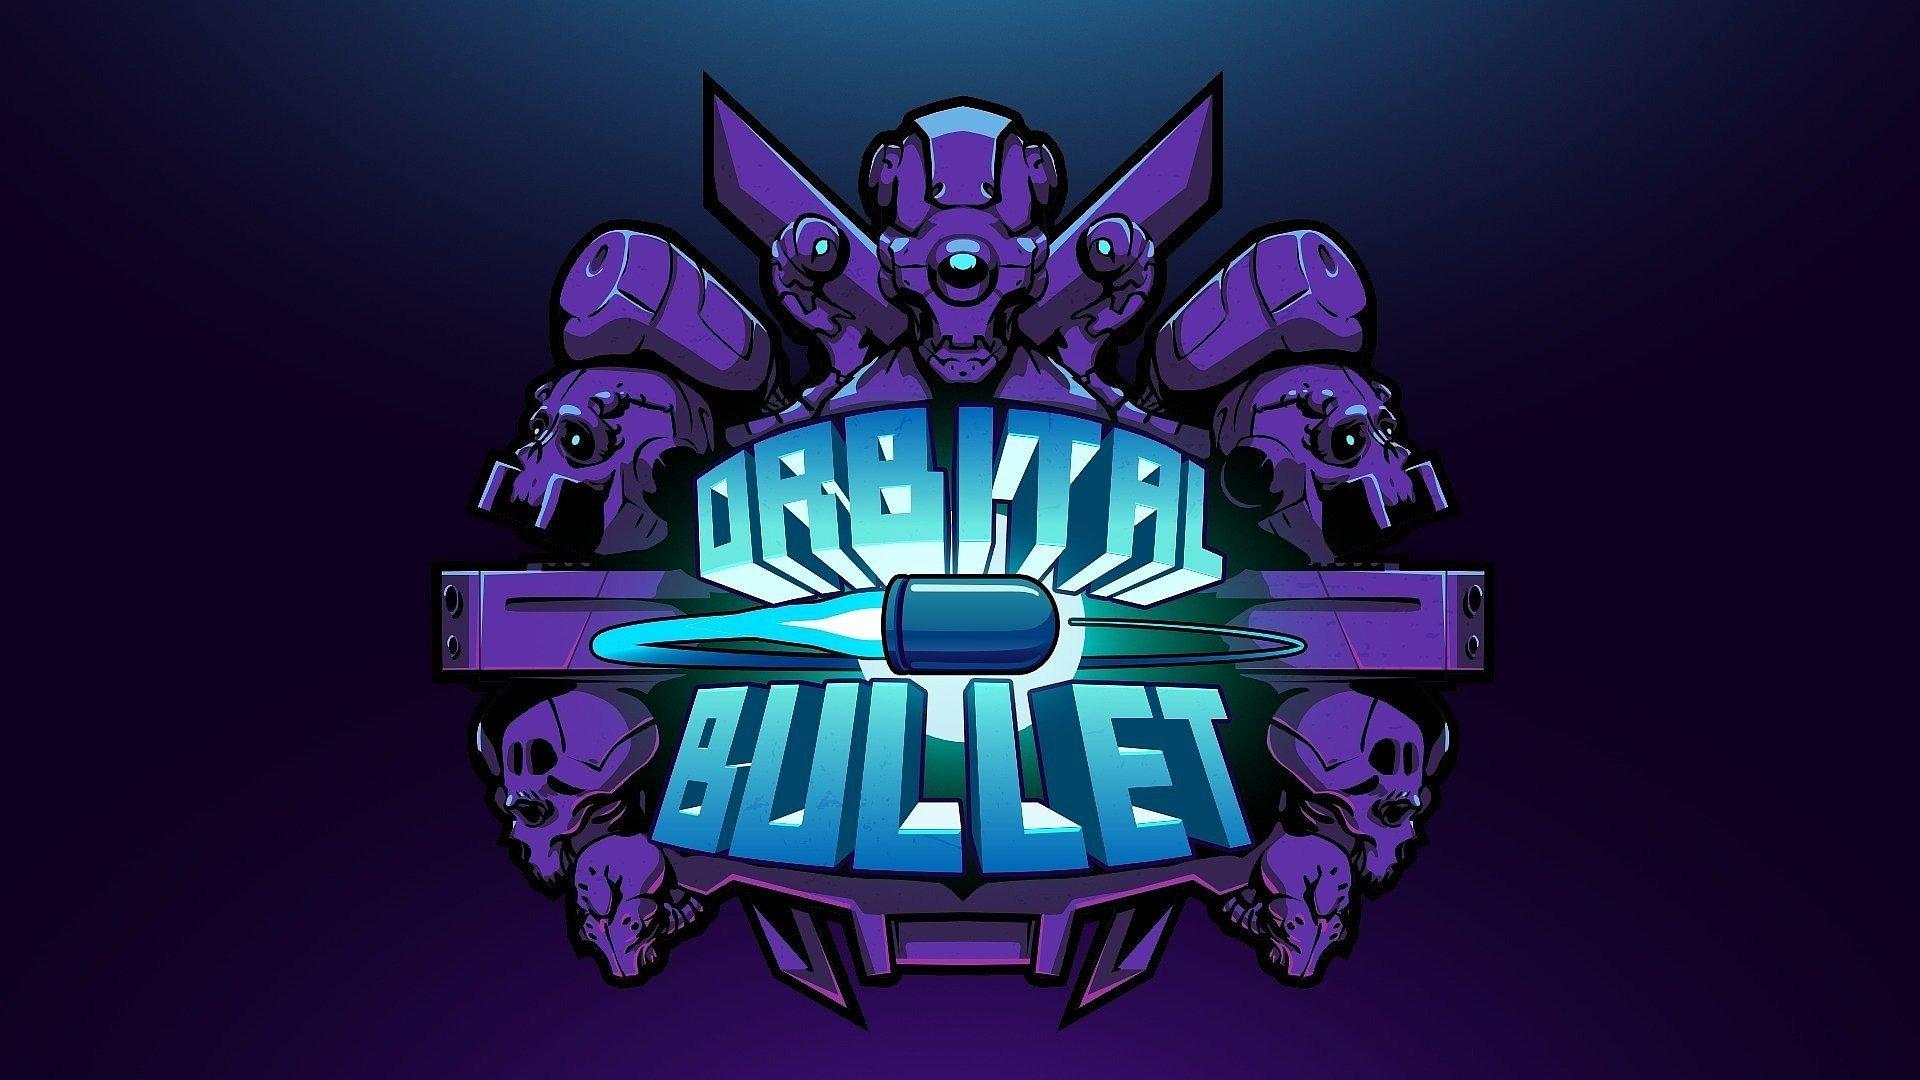 Ураганный шутер Orbital Bullet вышел в раннем доступе